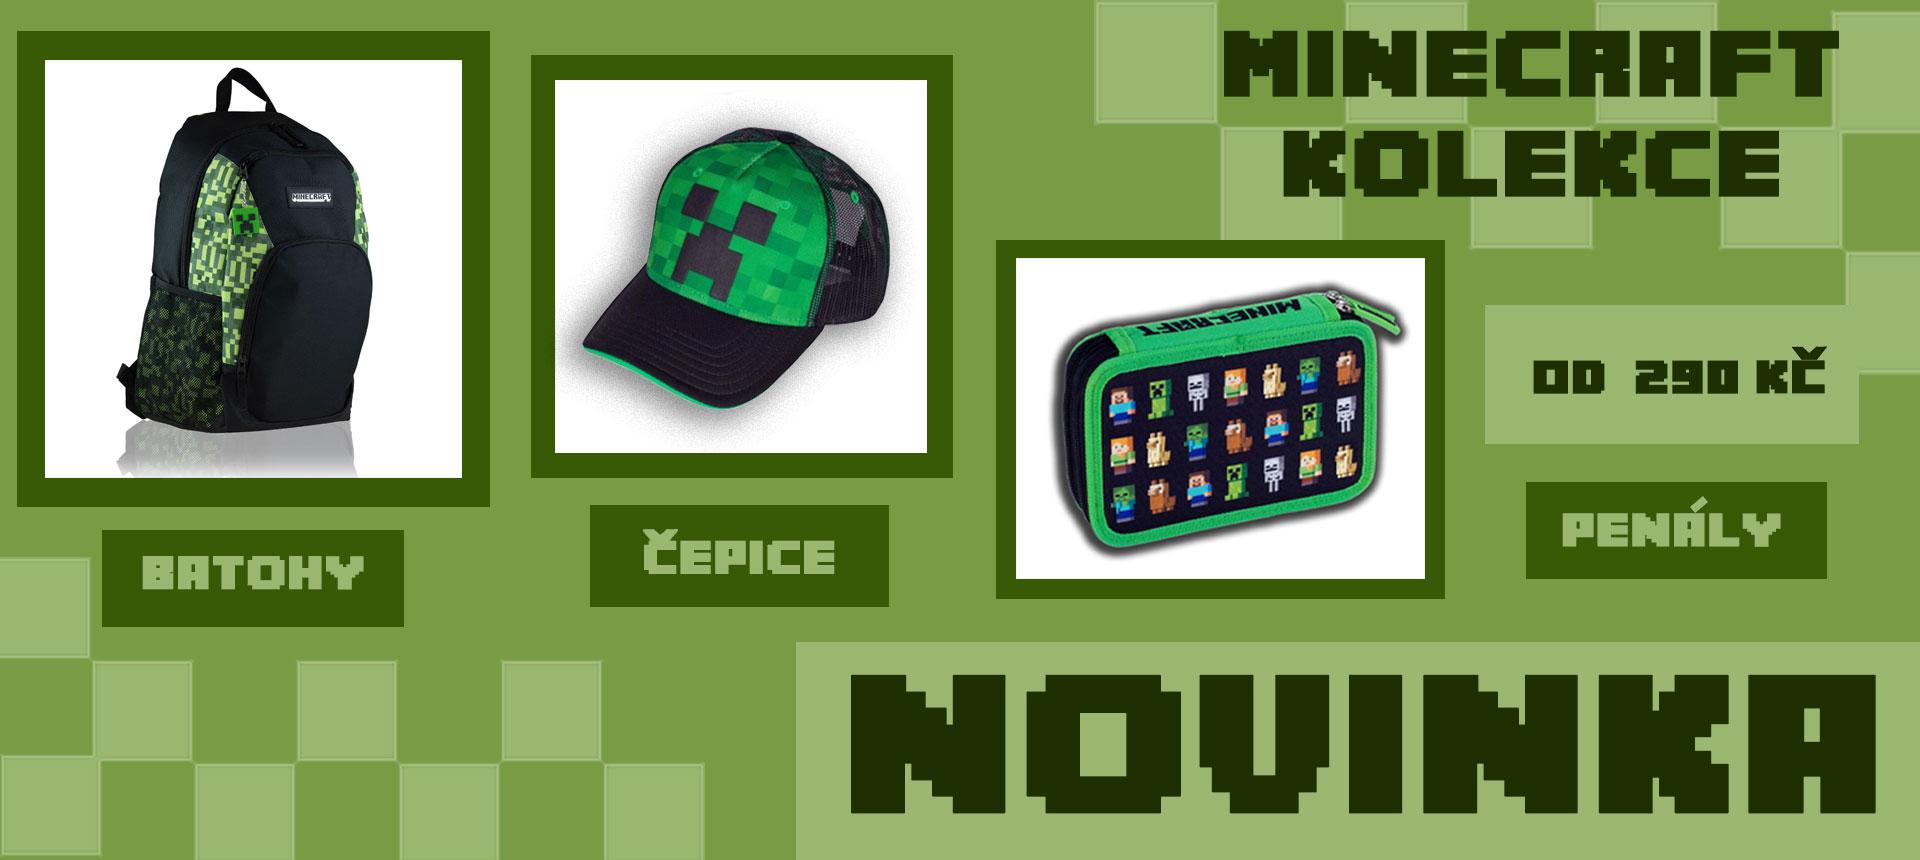 Minecraft - Batohy, čepice, penály